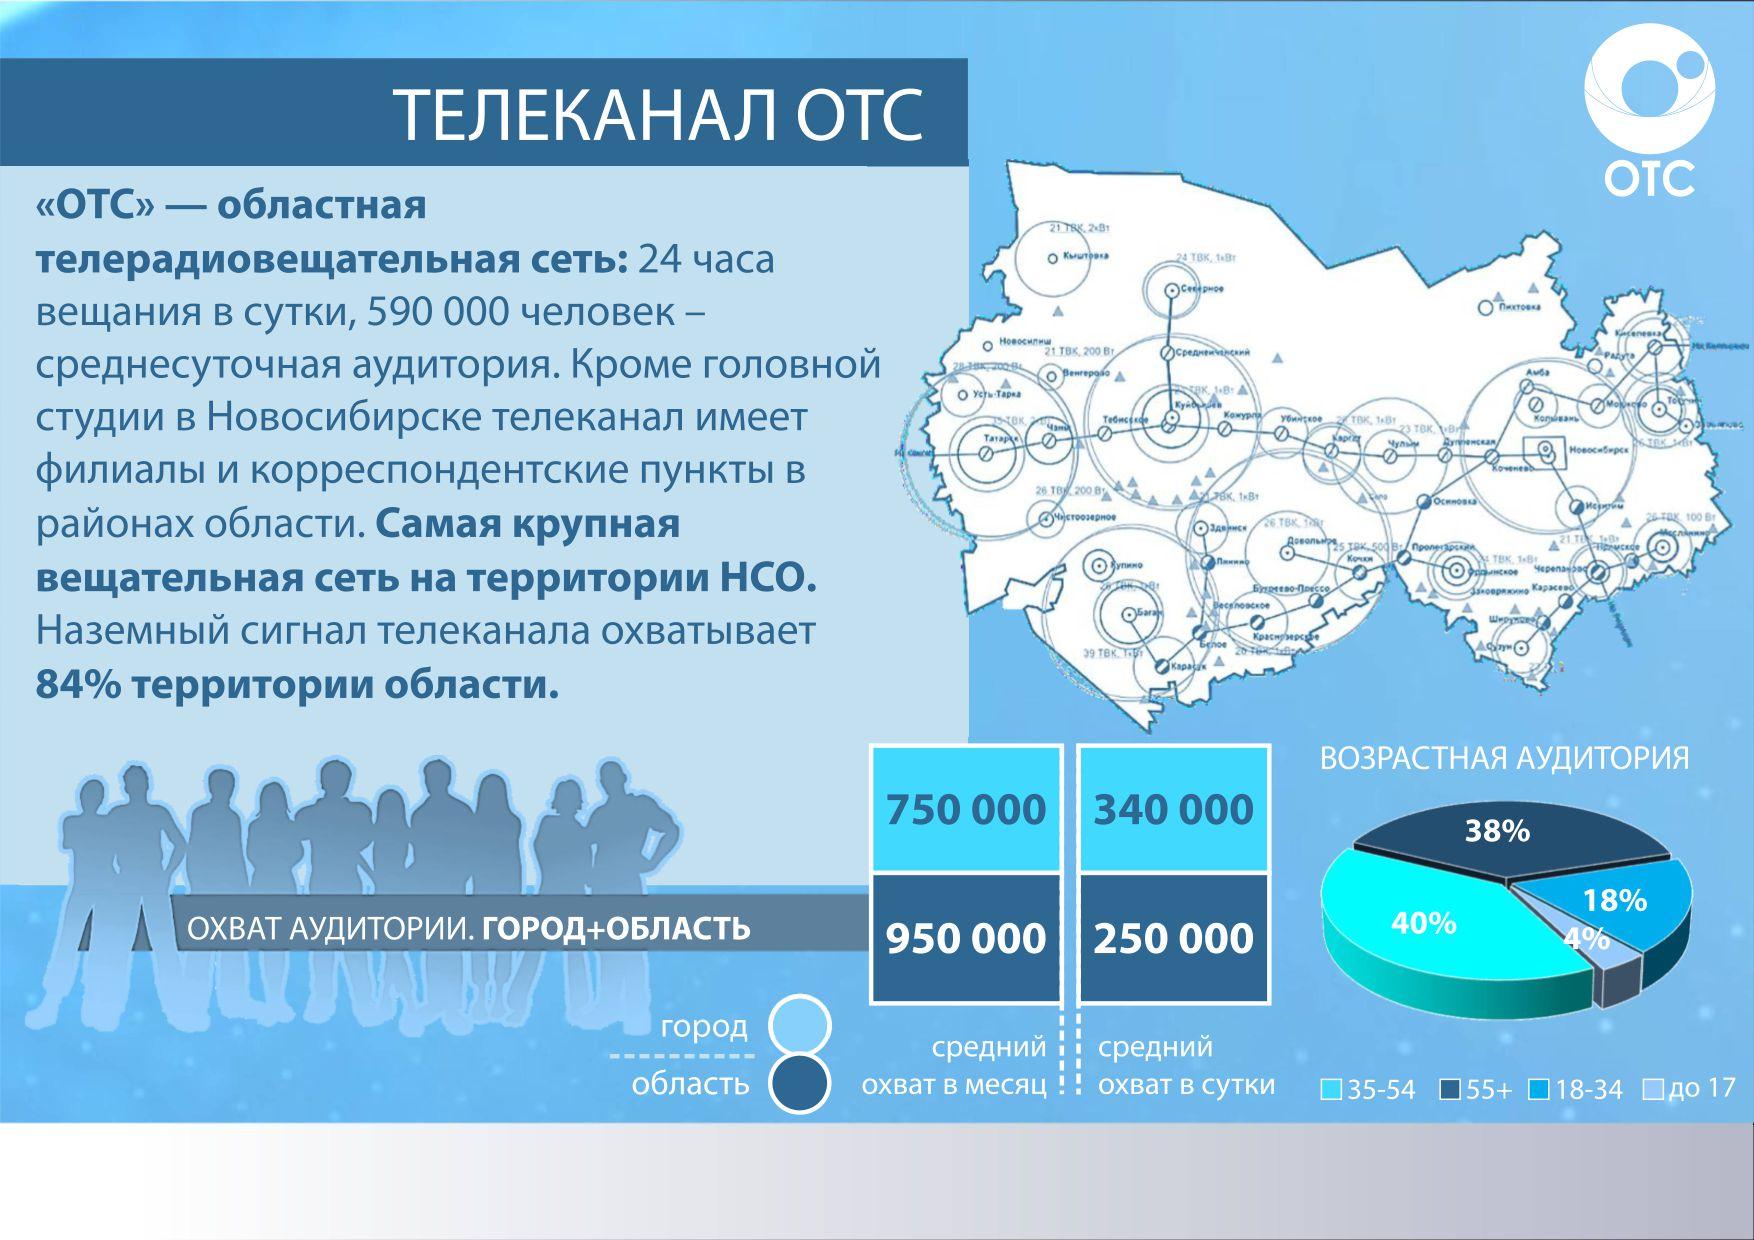 реклама на канале отс в новосибирске